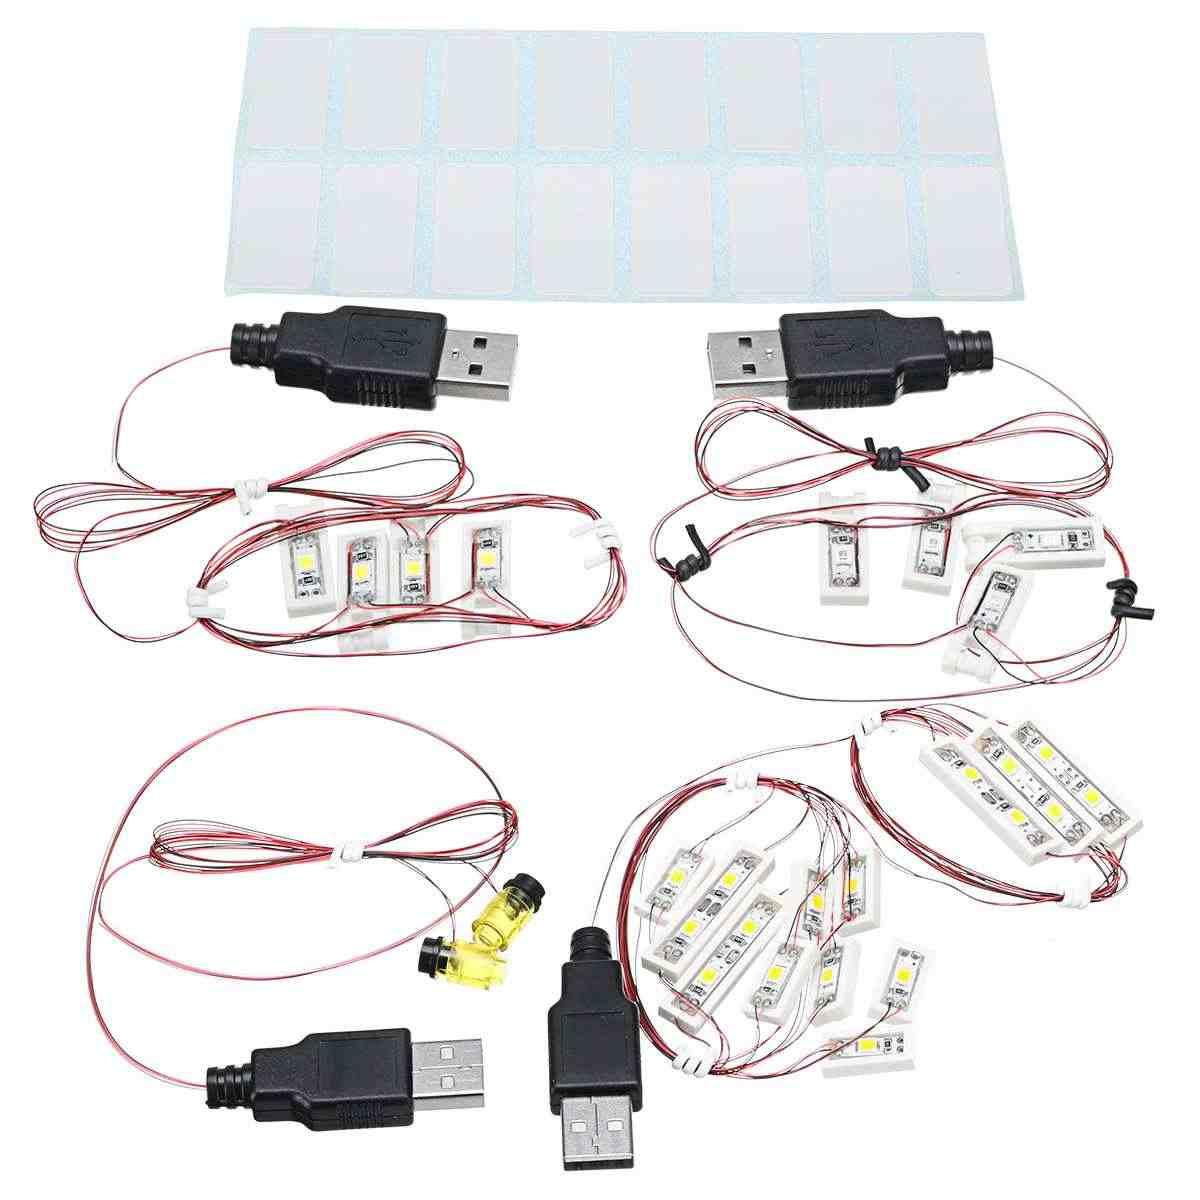 Zestaw oświetlenia LED dla Lego dla 71040 dla kopciuszek księżniczka zamek cegły dekoracyjne LED lampka nocna LED (Model nie wliczony w cenę)